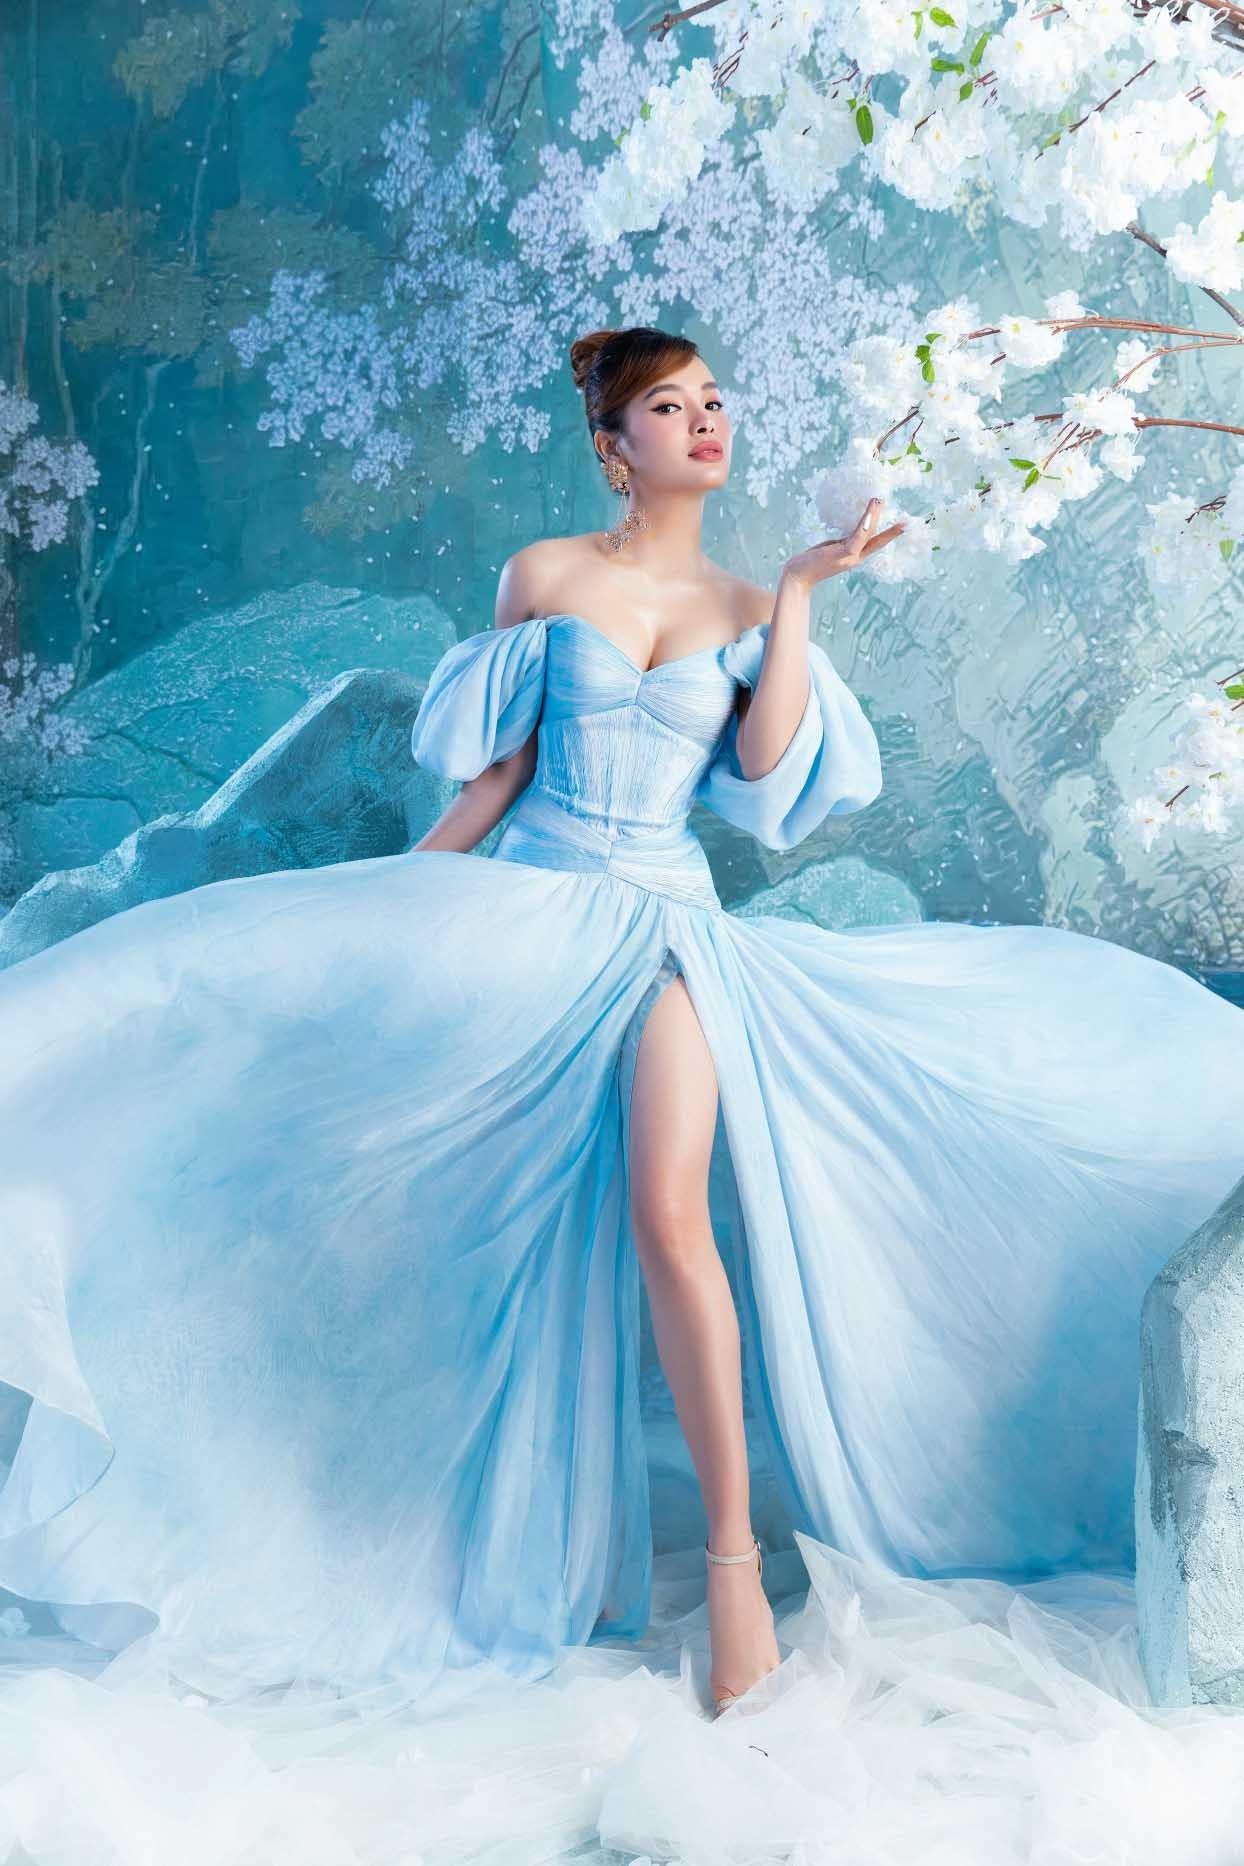 Phương Trinh Jolie không ngại Tết đến bị hỏi 'bao giờ lấy chồng'